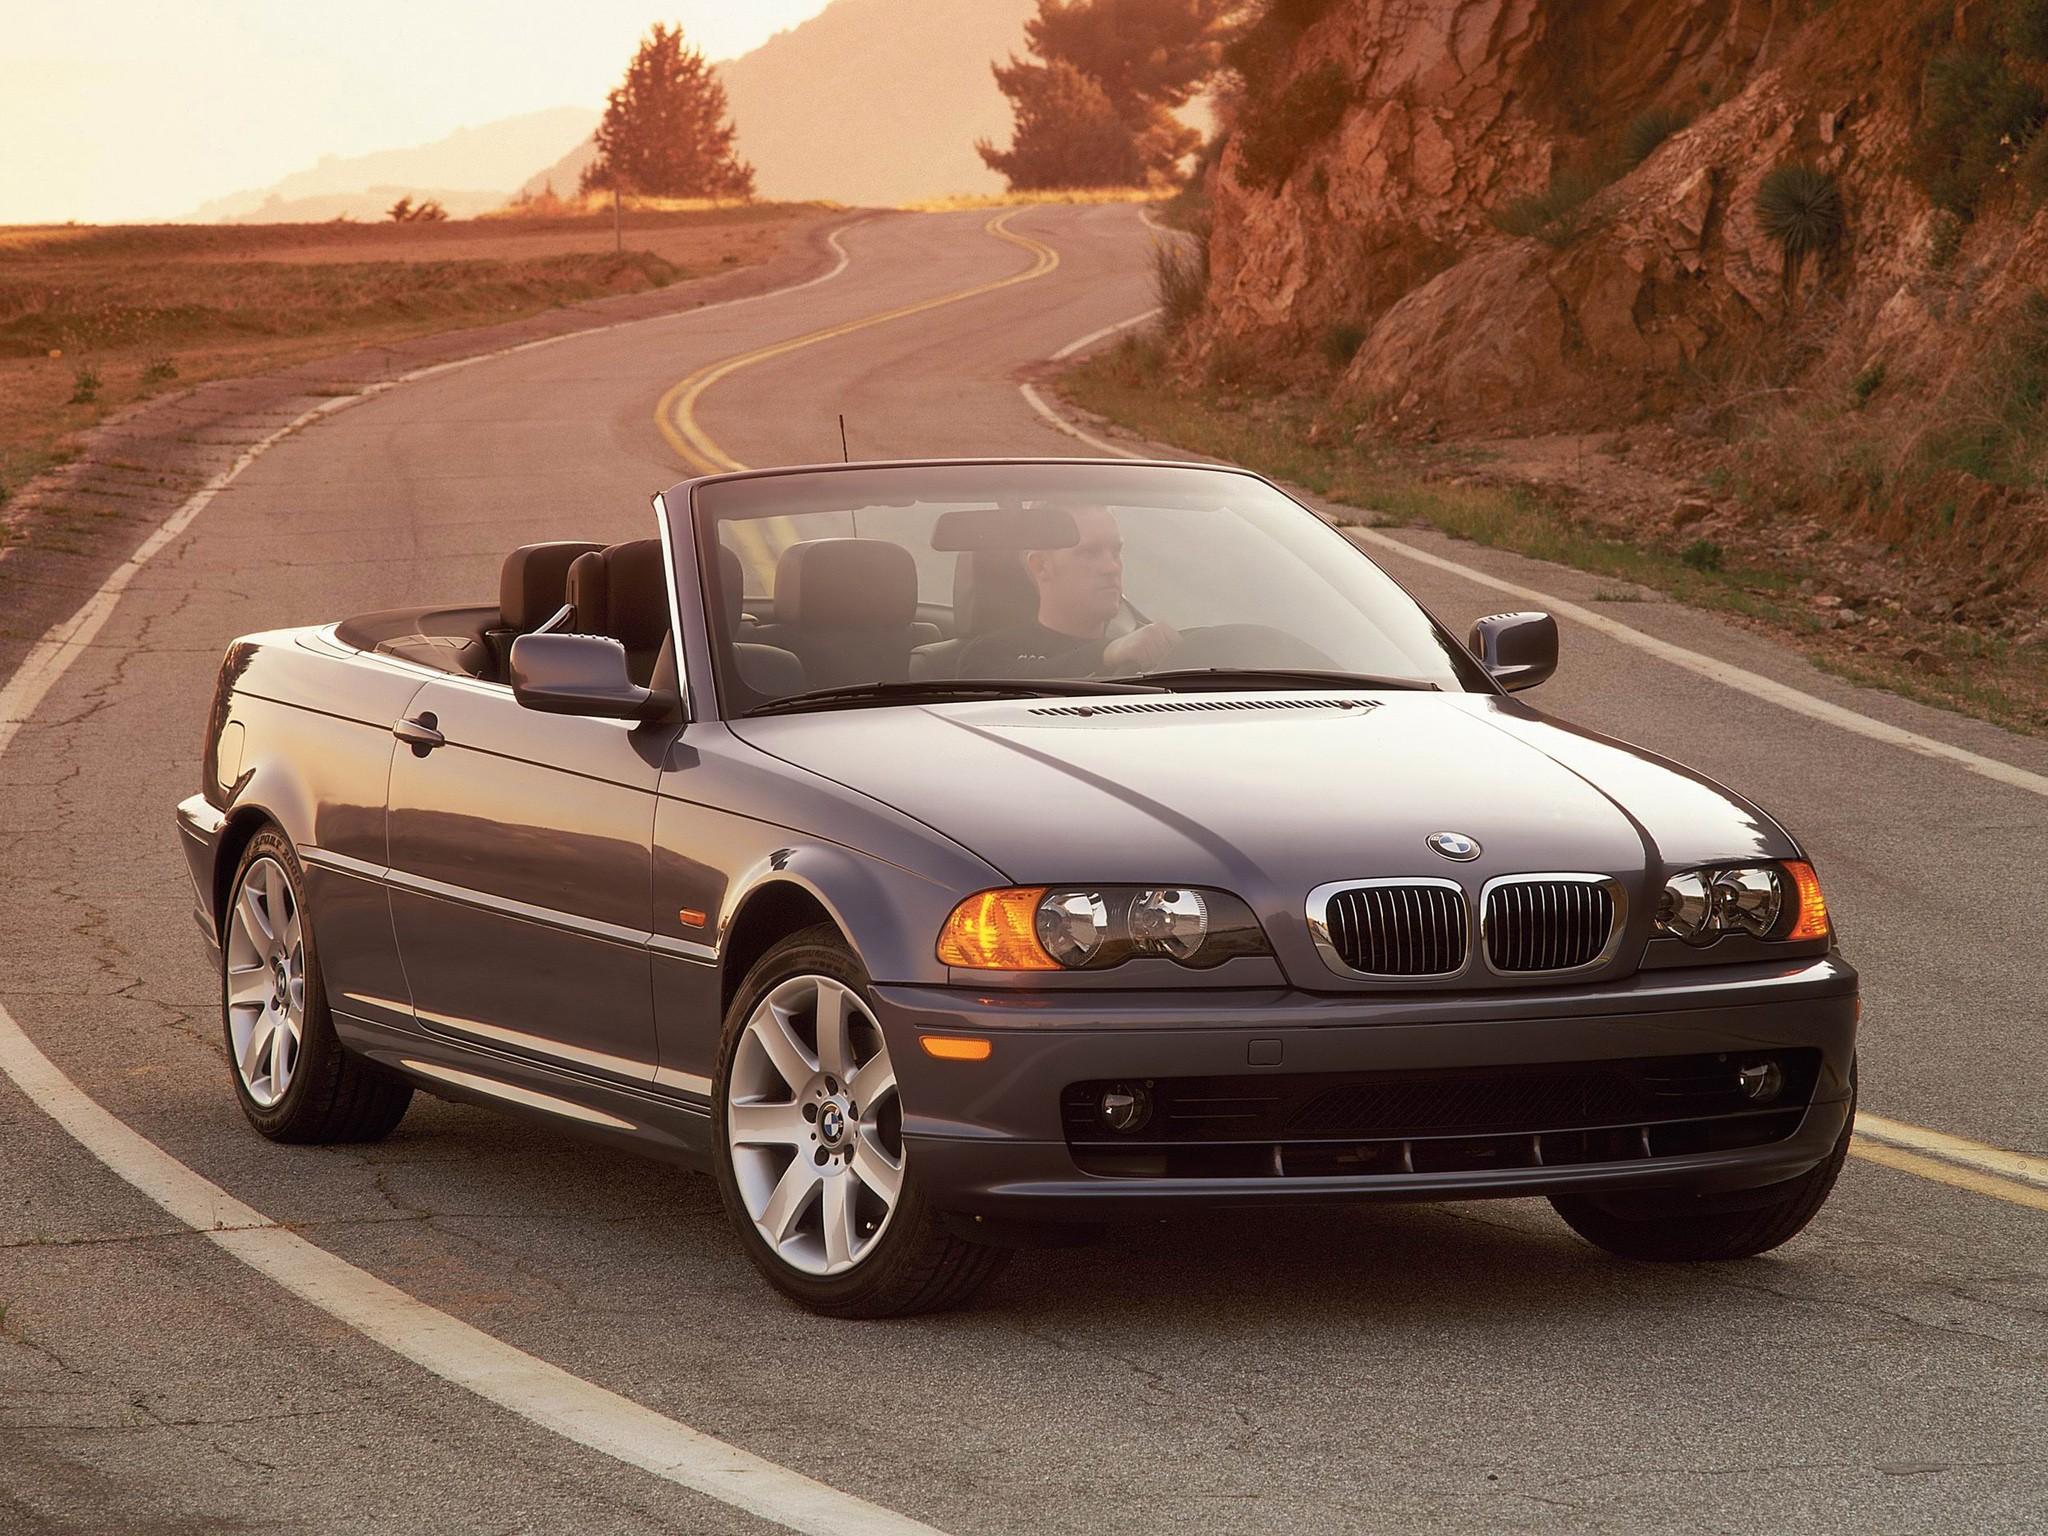 E46 M3 Specs >> BMW 3 Series Cabriolet (E46) specs & photos - 2000, 2001 ...